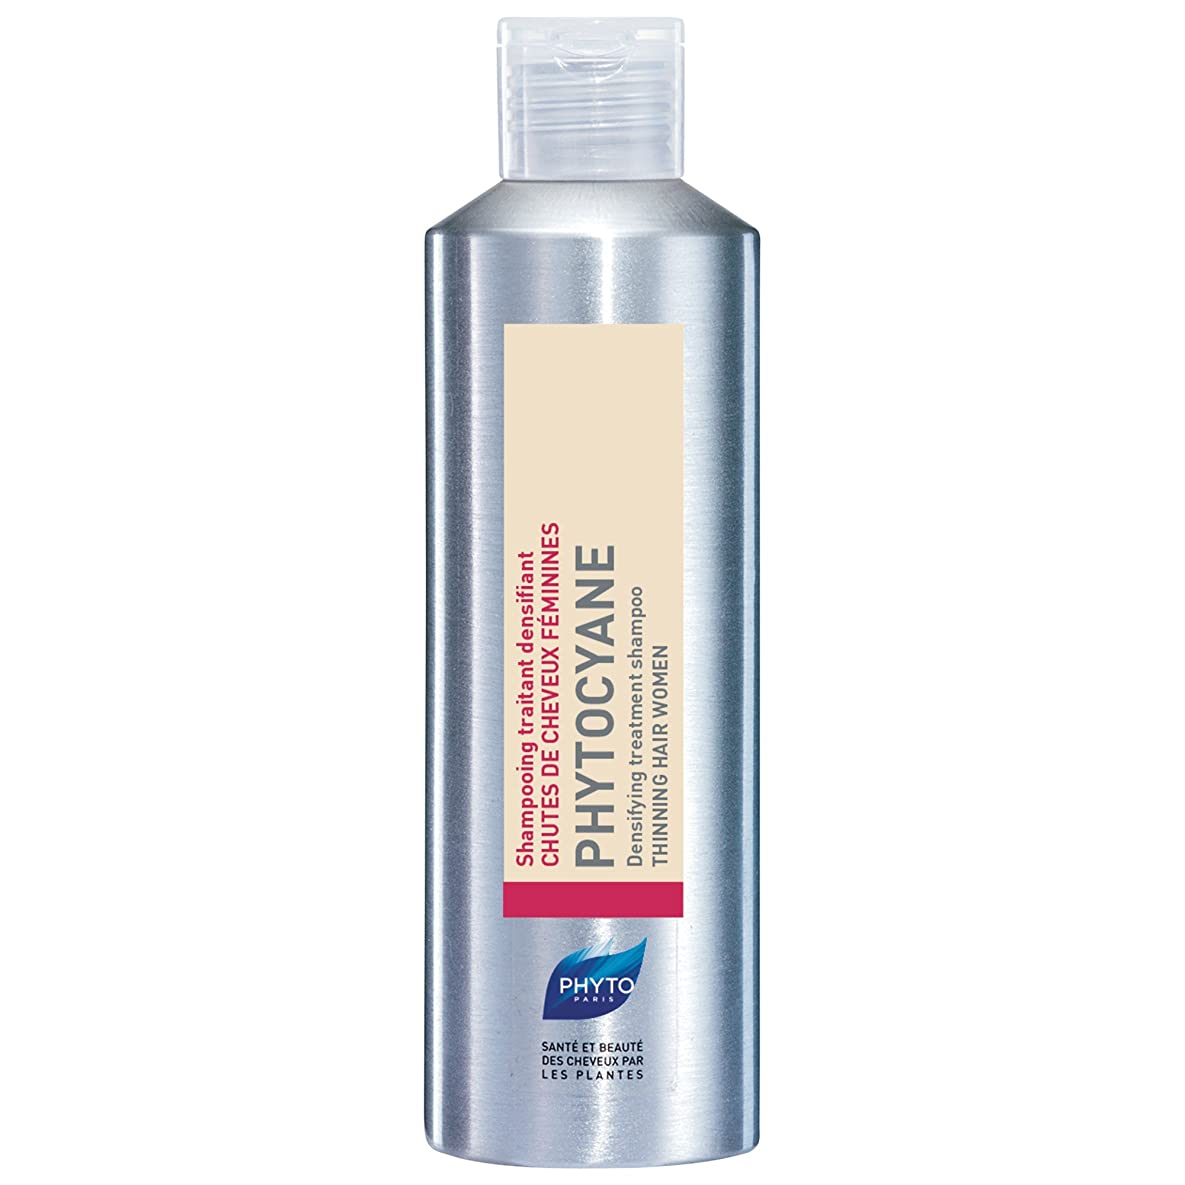 残り物右満たす髪の200ミリリットルを薄くするための予防のためのシャンプーを緻密化フィトPhytocyane (Phyto) (x2) - Phyto Phytocyane Densifying Treatment Shampoo for Thinning Hair 200ml (Pack of 2) [並行輸入品]